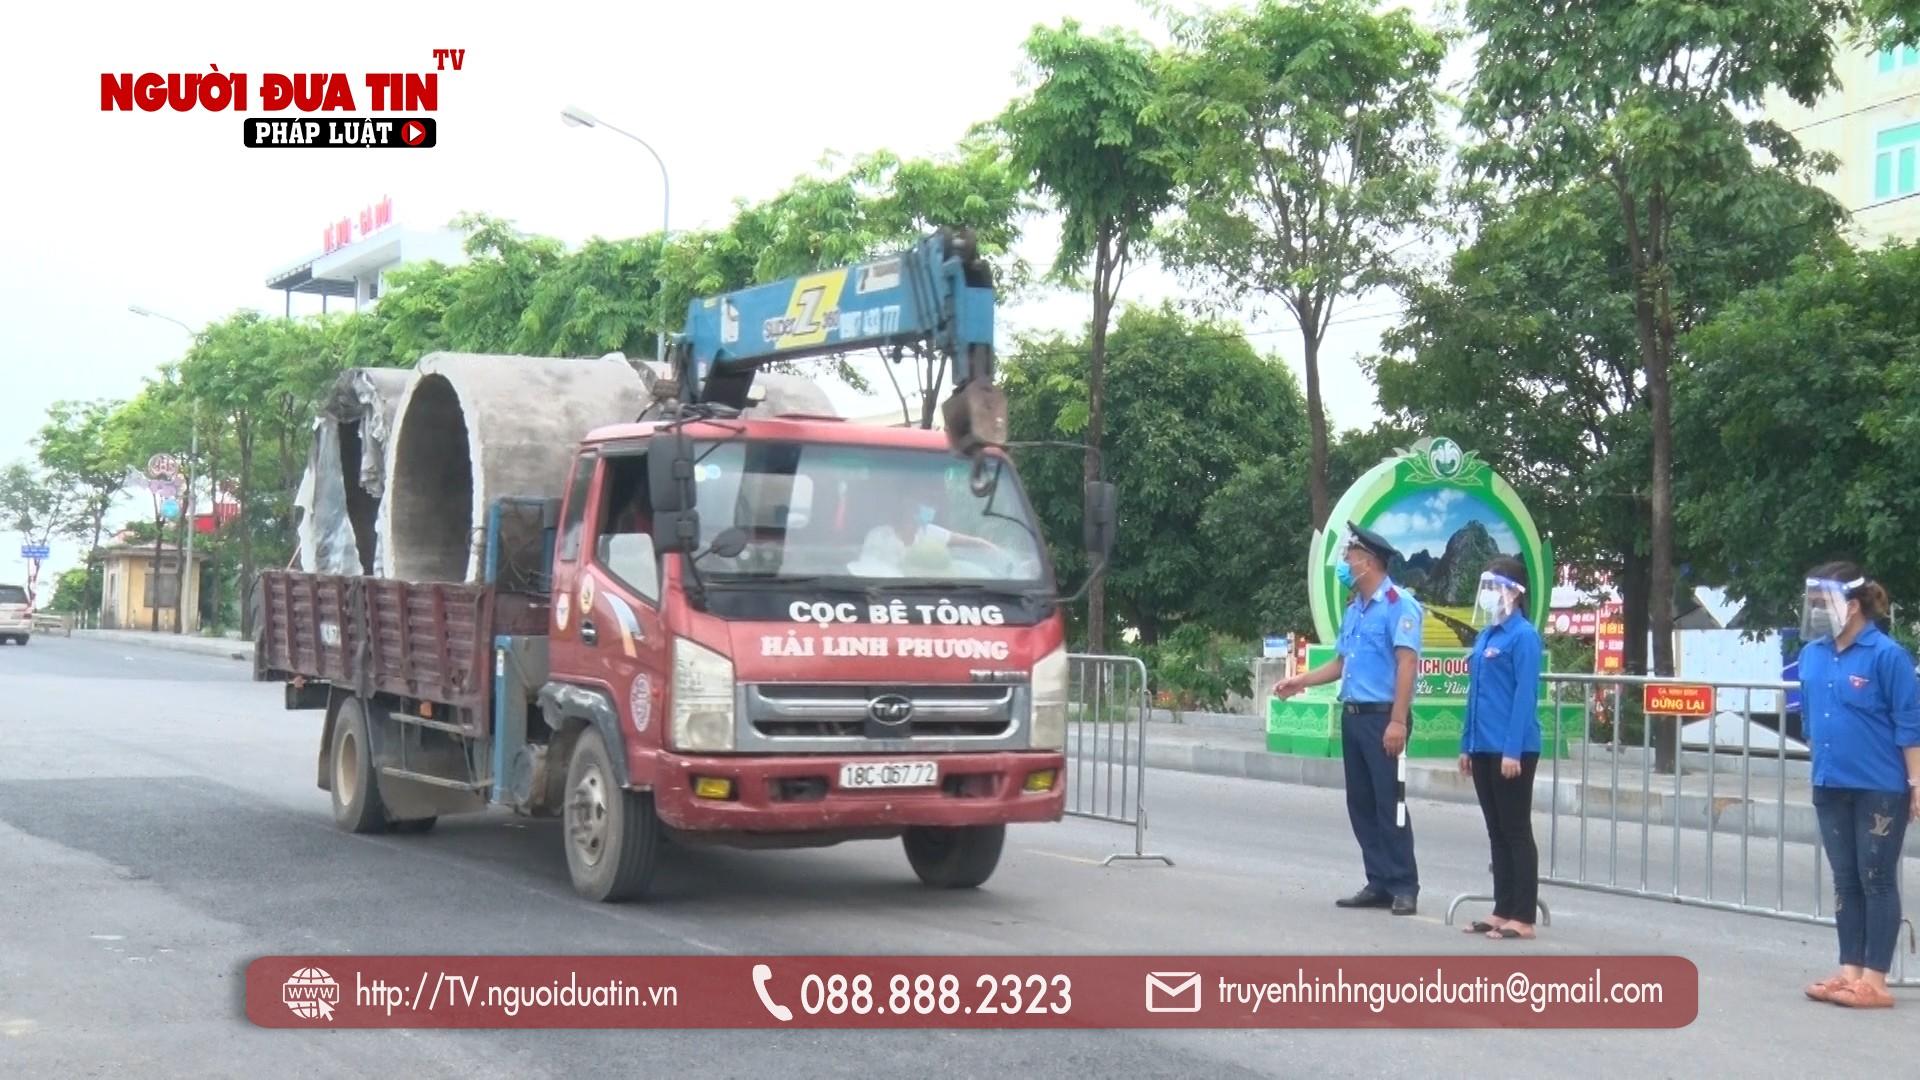 phan-luong-gt00-01-14-21still002-1629964699.jpg